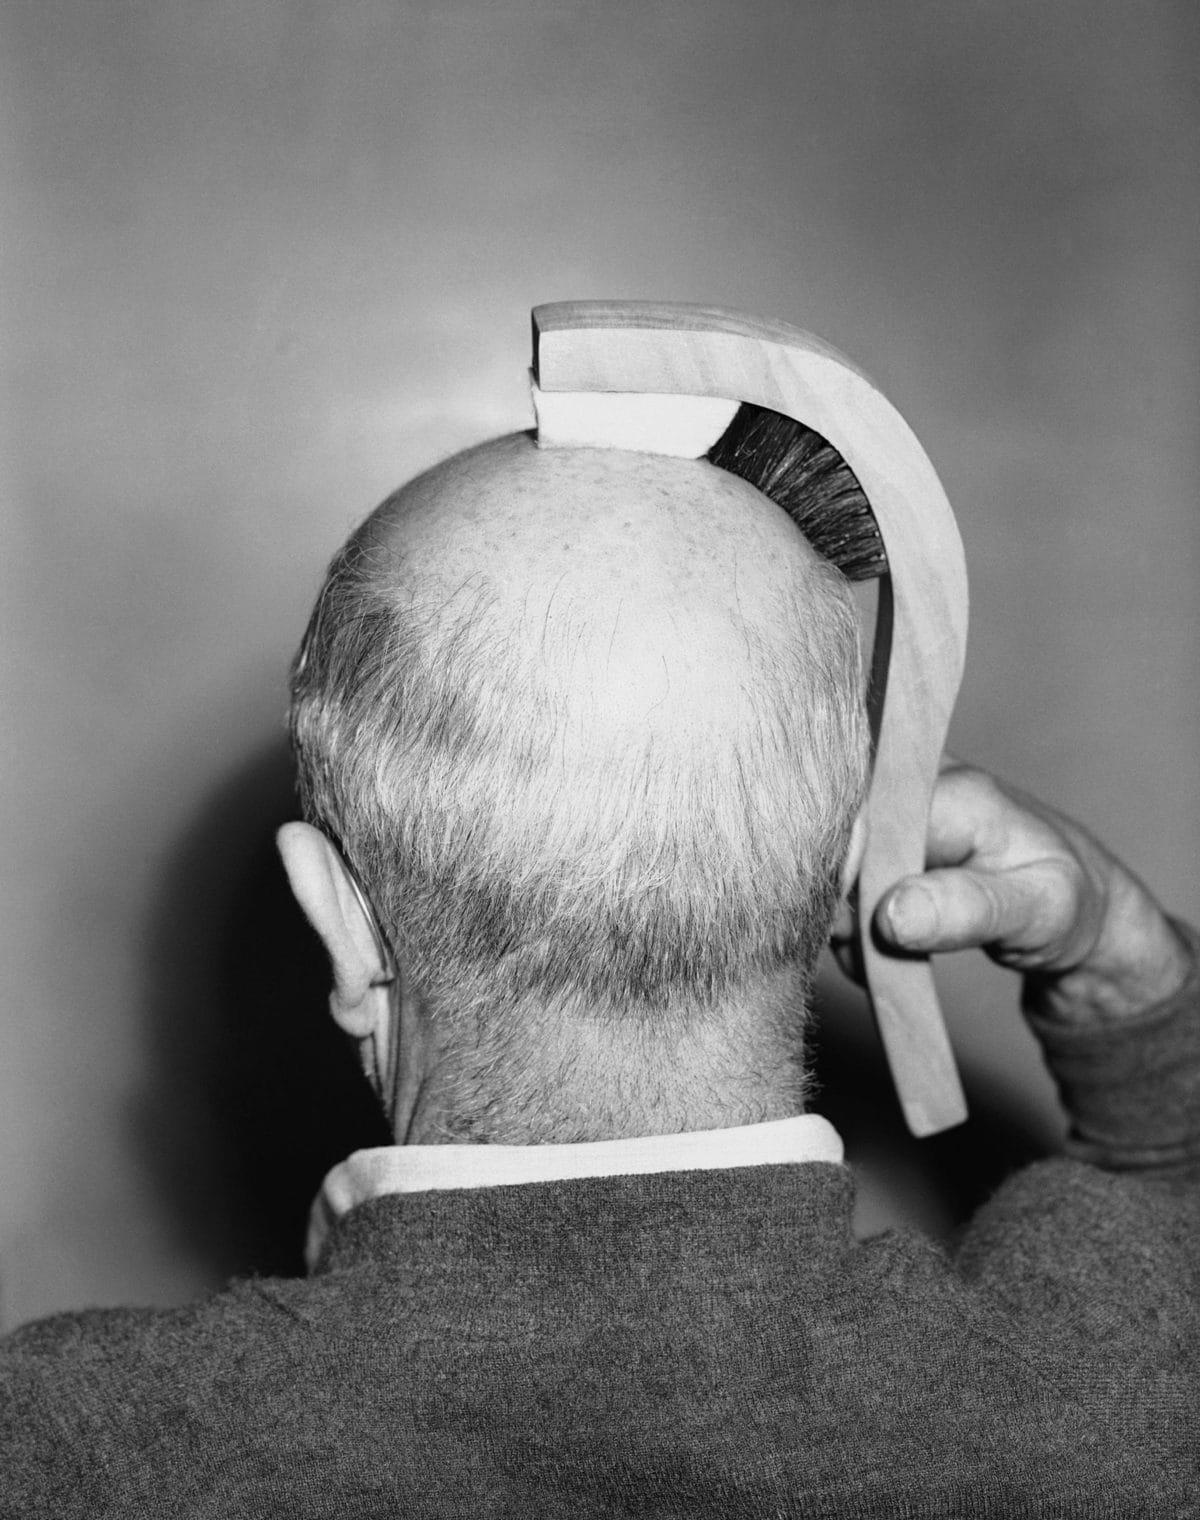 14 престранных изобретений и услуг из 20 века, которые не прошли проверку временем